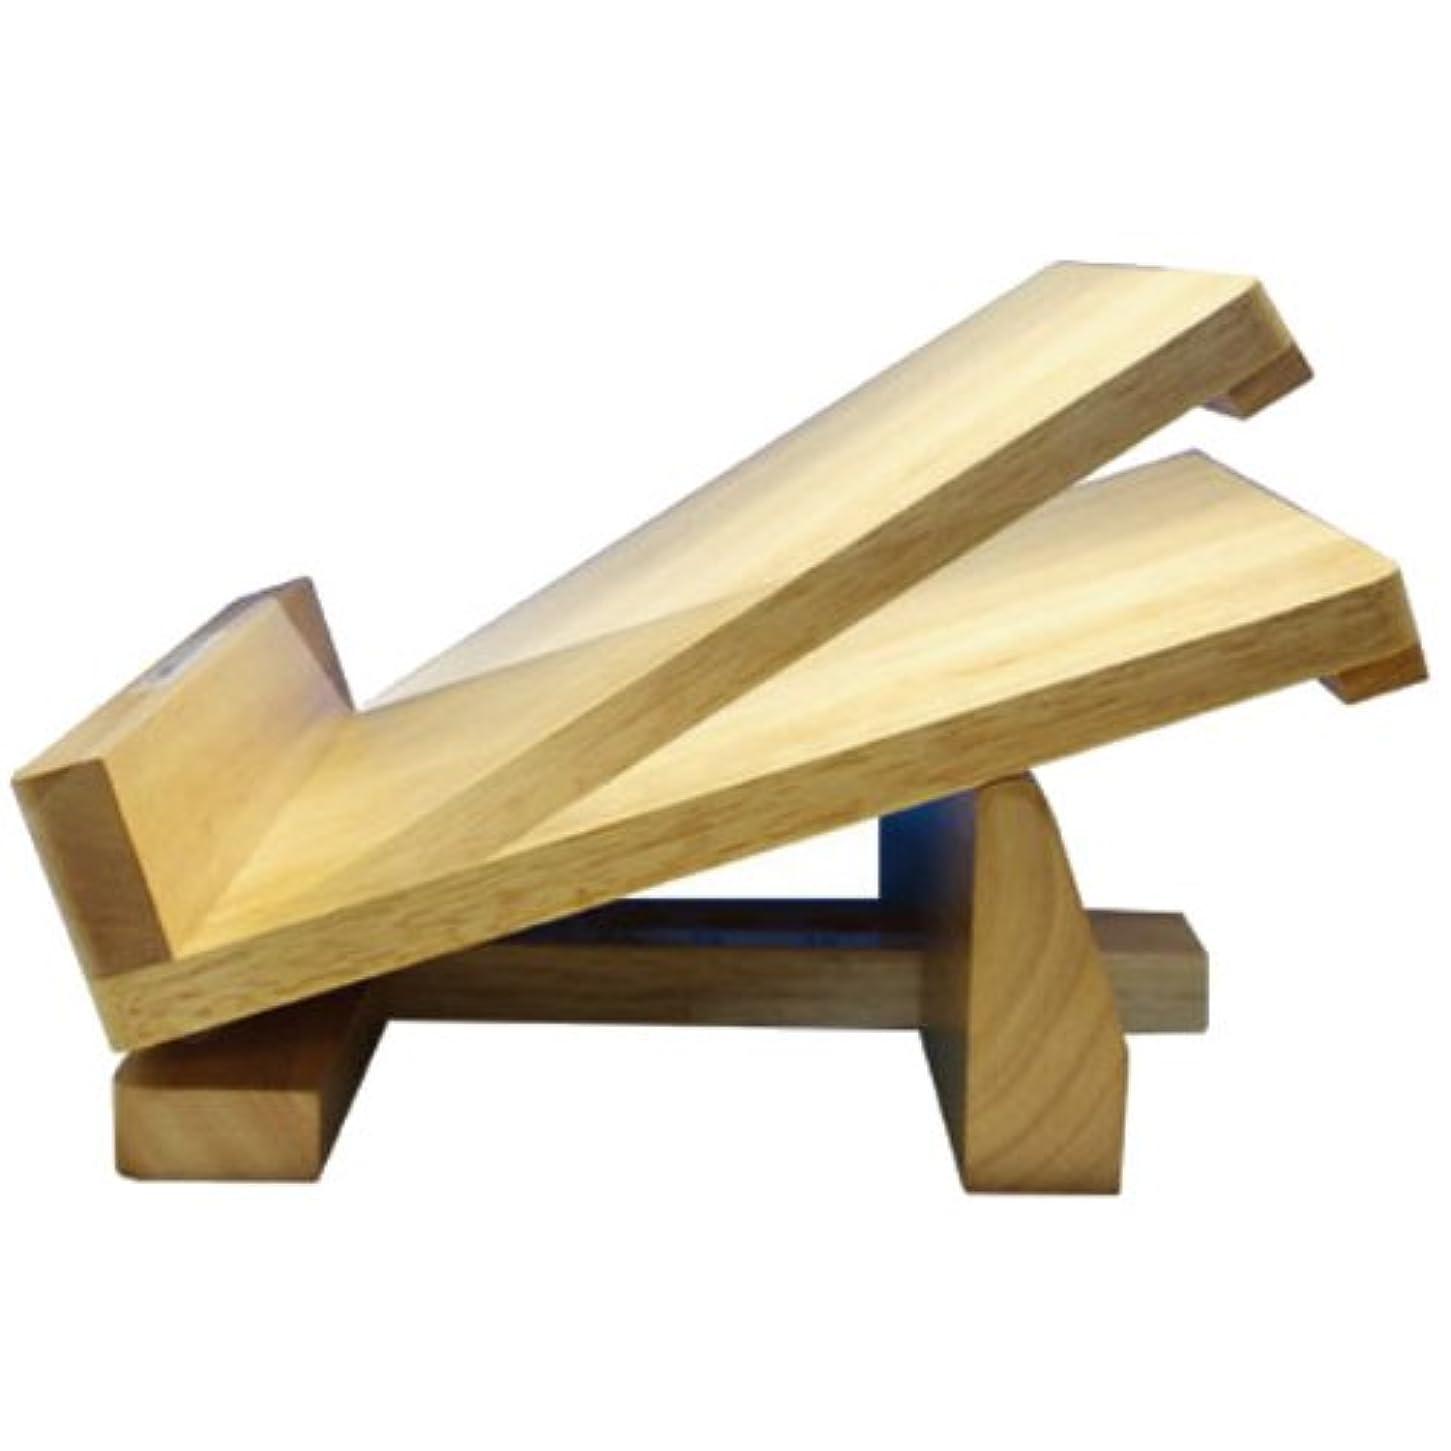 通常コントローラ行4段階に調節で無理なくストレッチ『木製ストレッチボード(足首のびのび)』